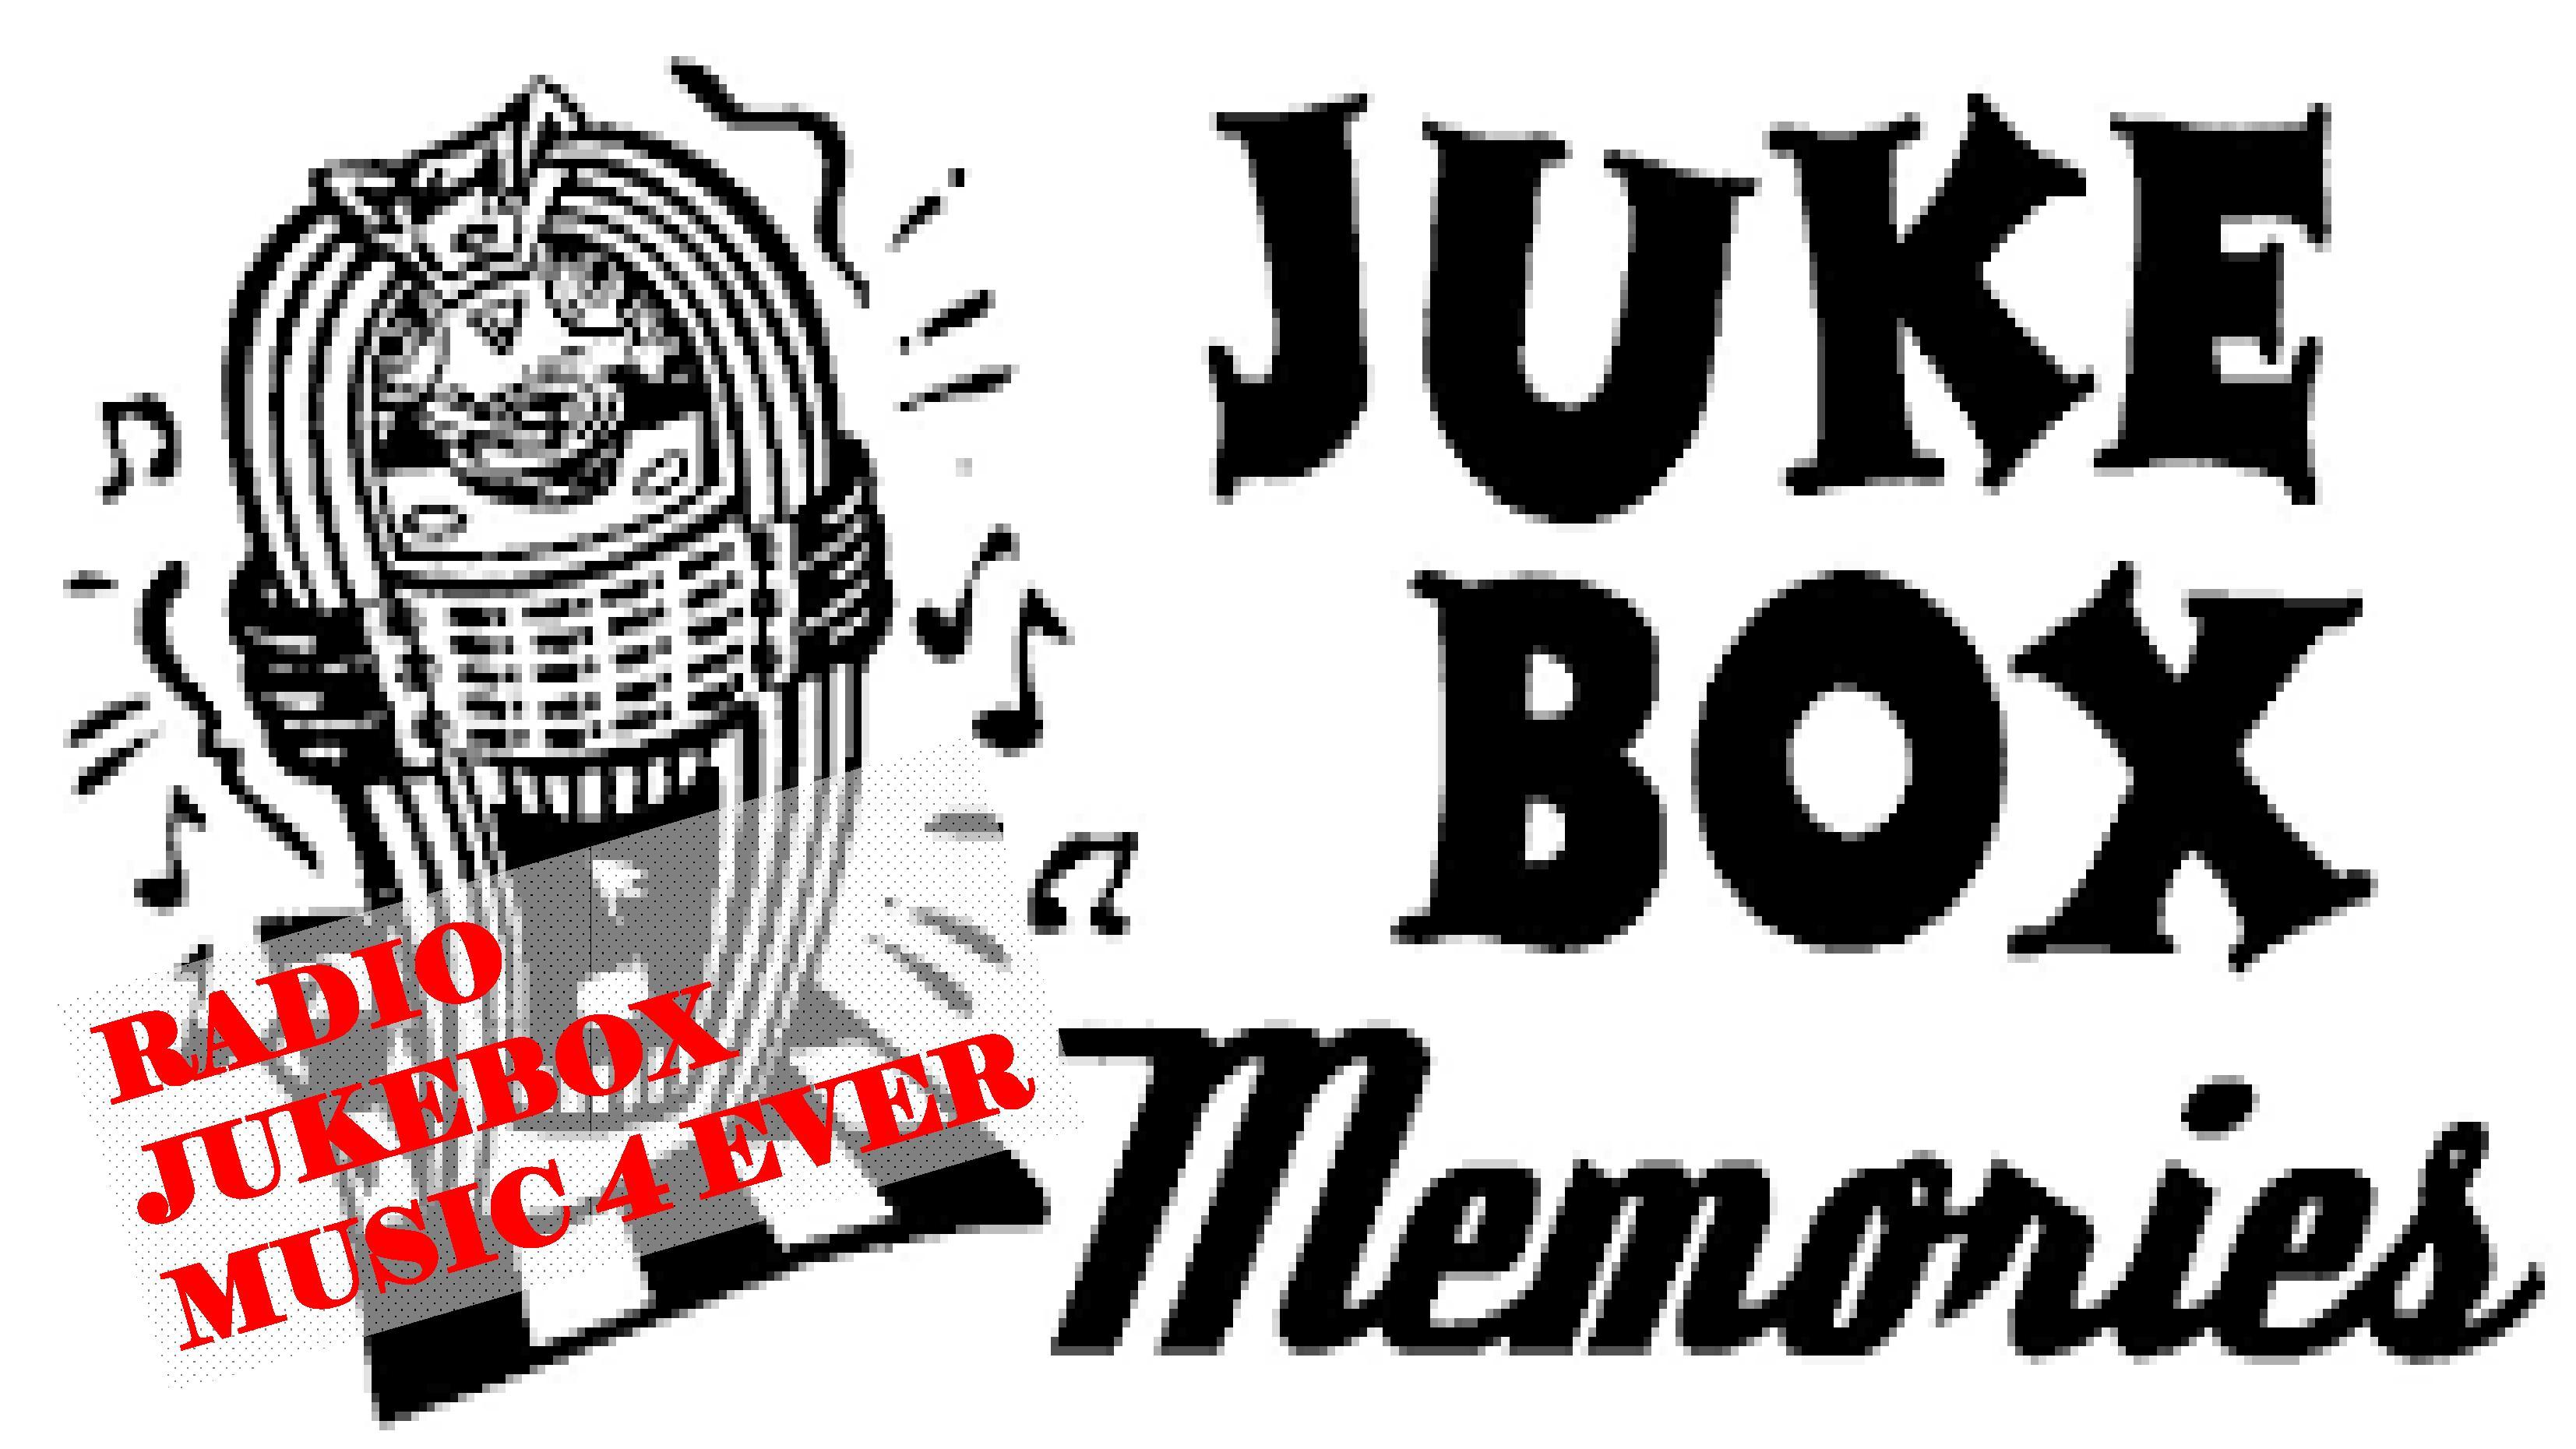 logo jukebox-page-001jpg